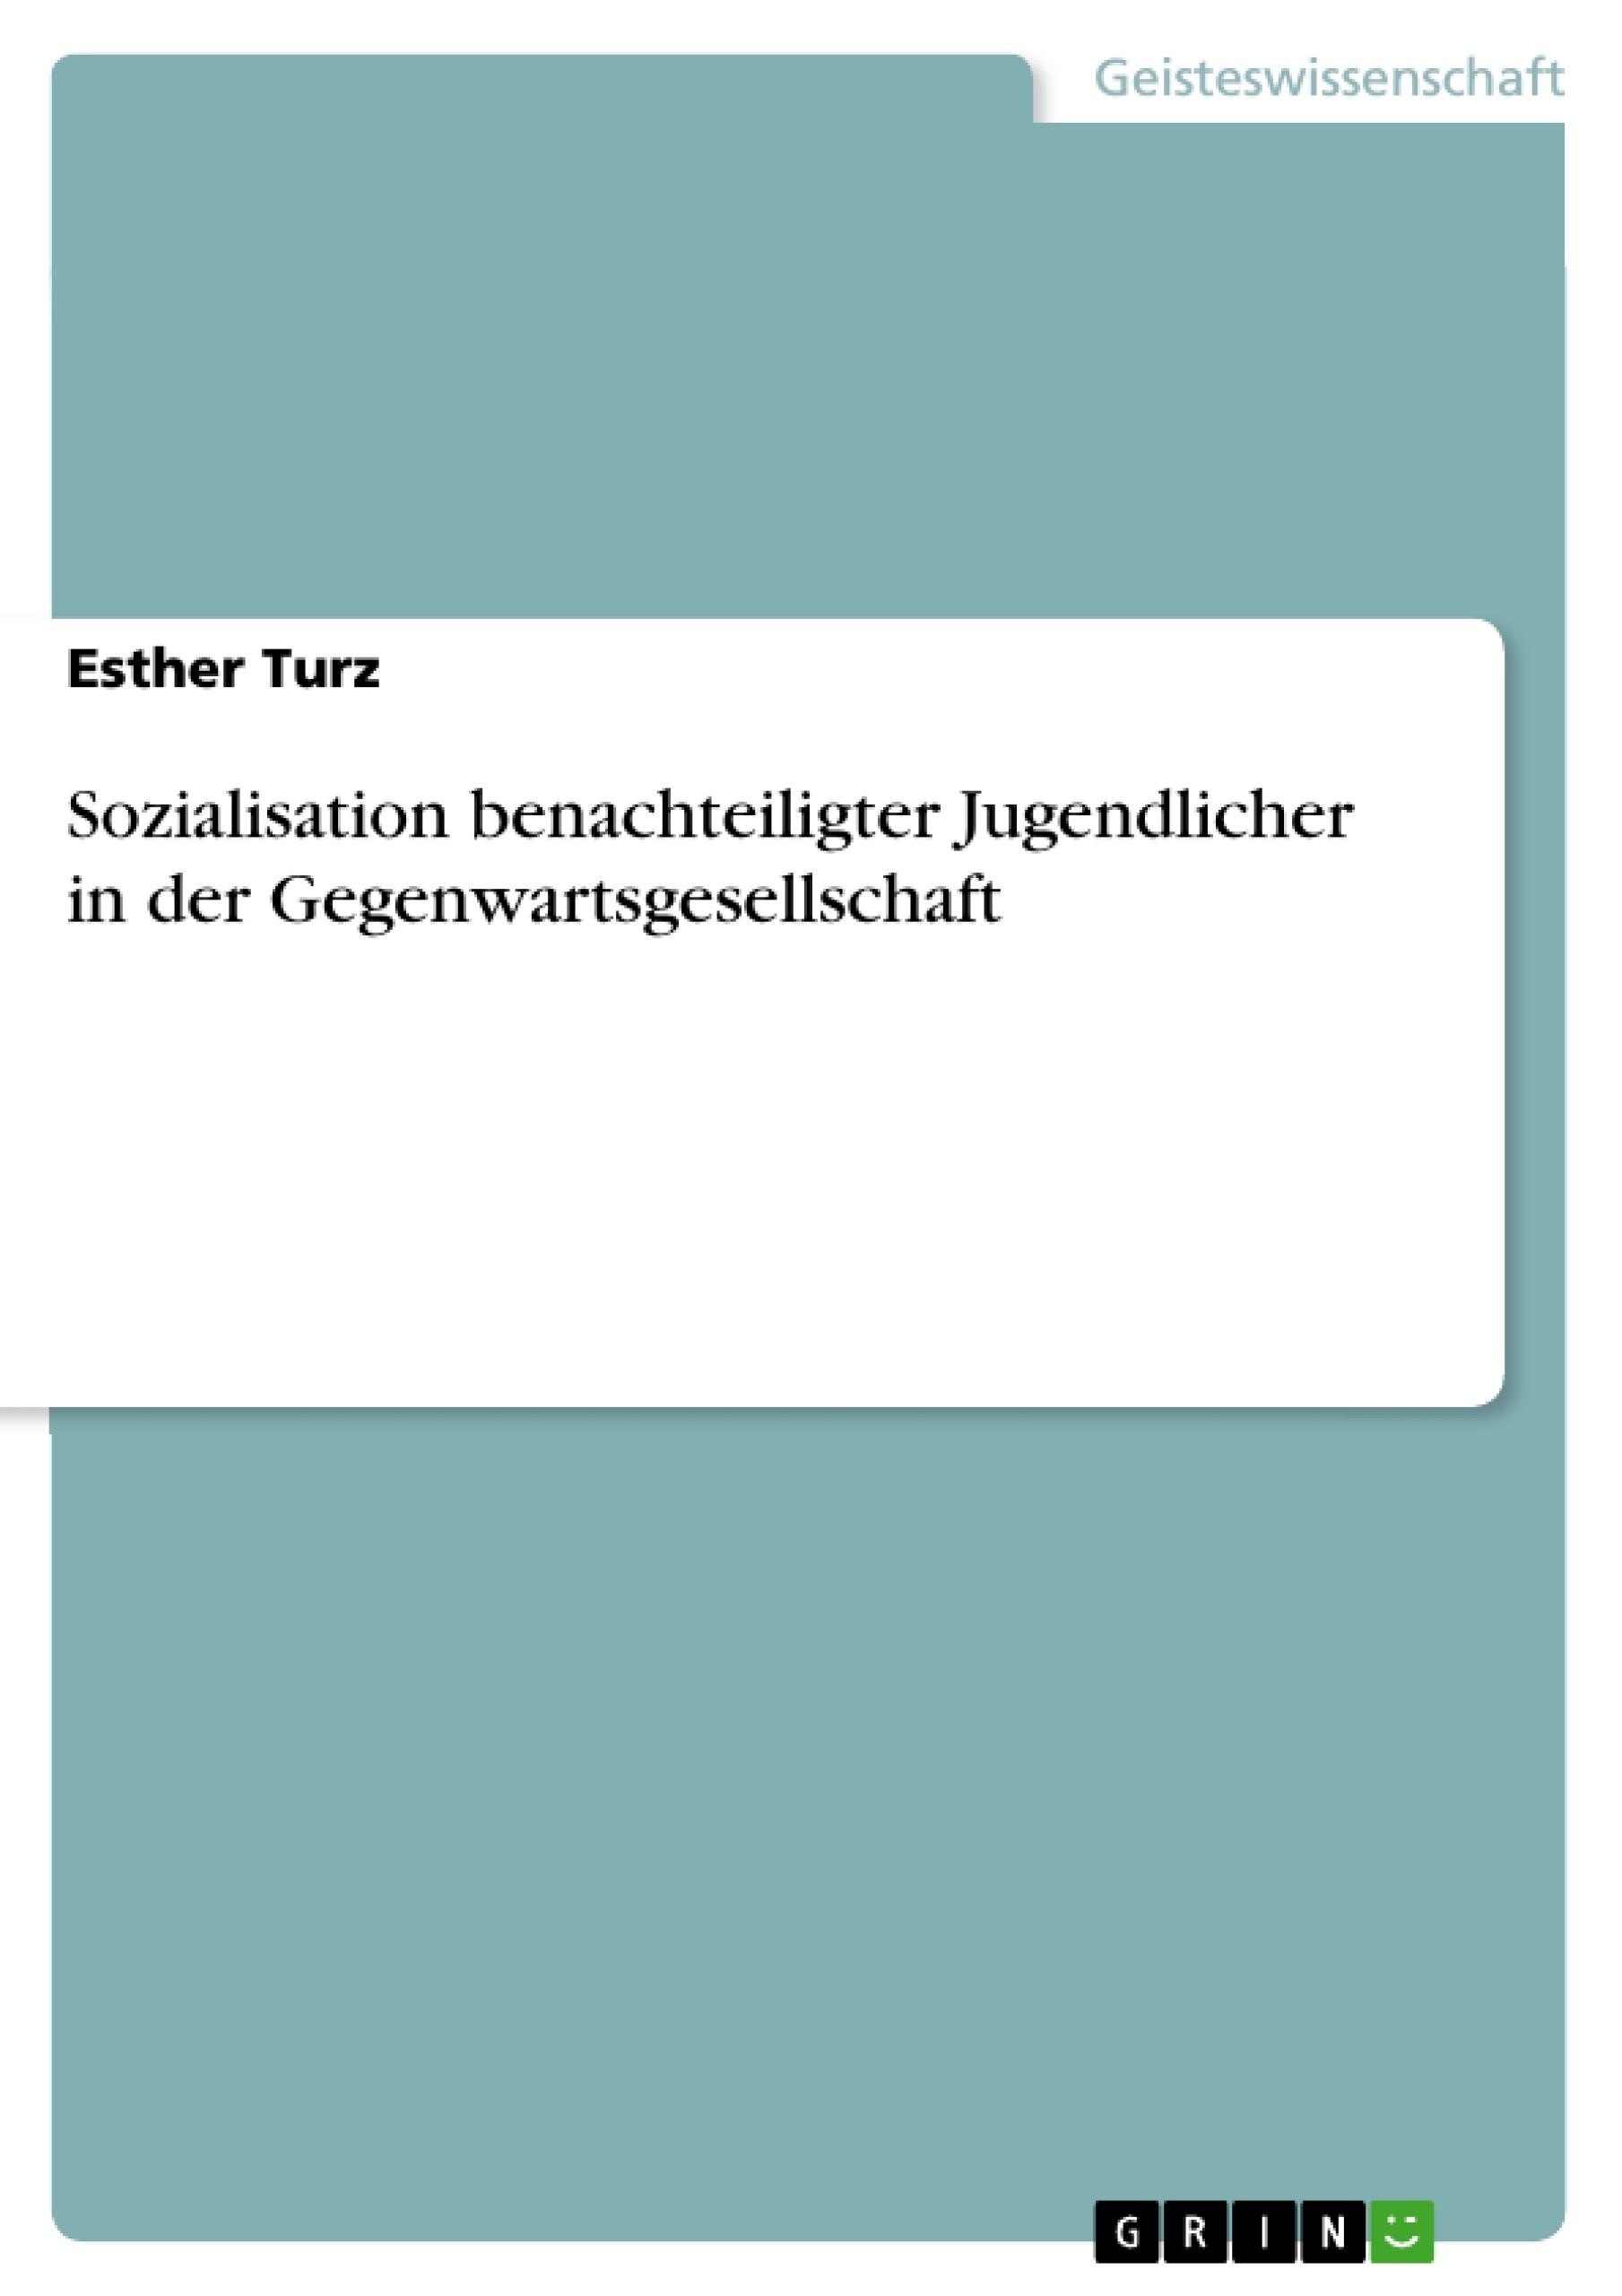 Titel: Sozialisation benachteiligter Jugendlicher in der Gegenwartsgesellschaft